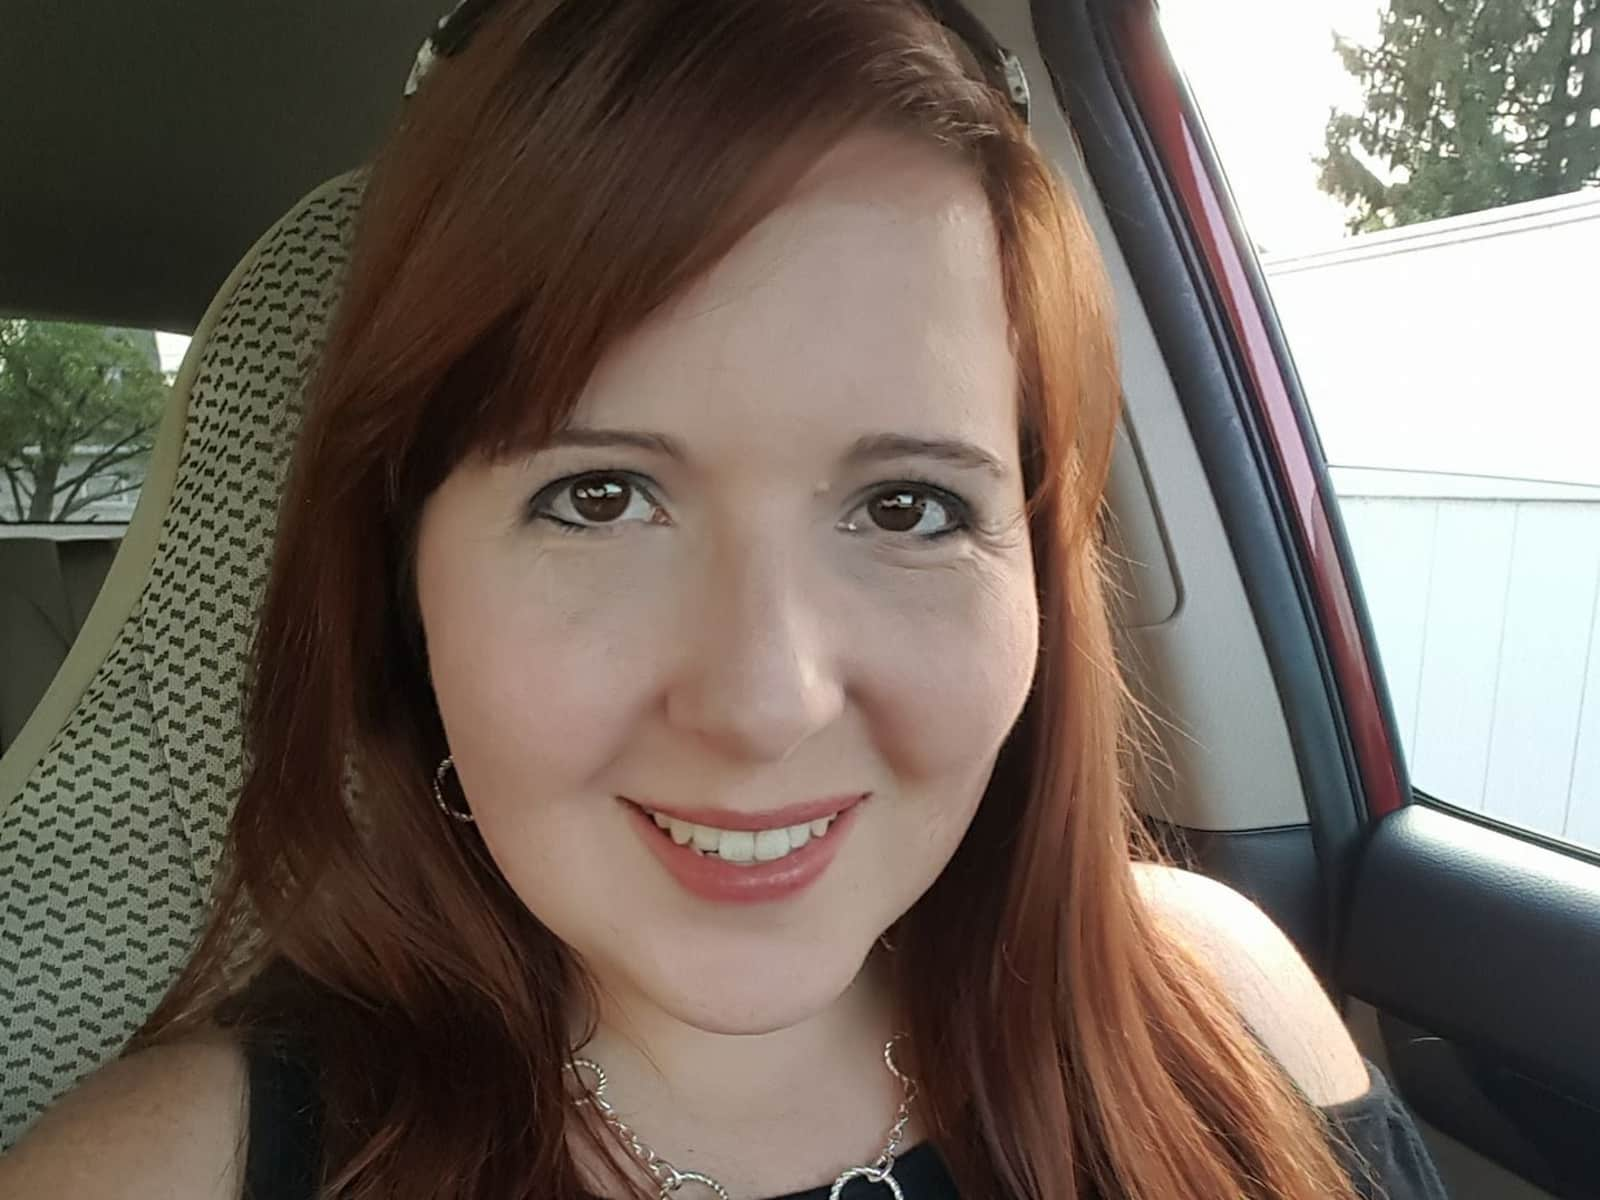 Tiffany from Altoona, Pennsylvania, United States